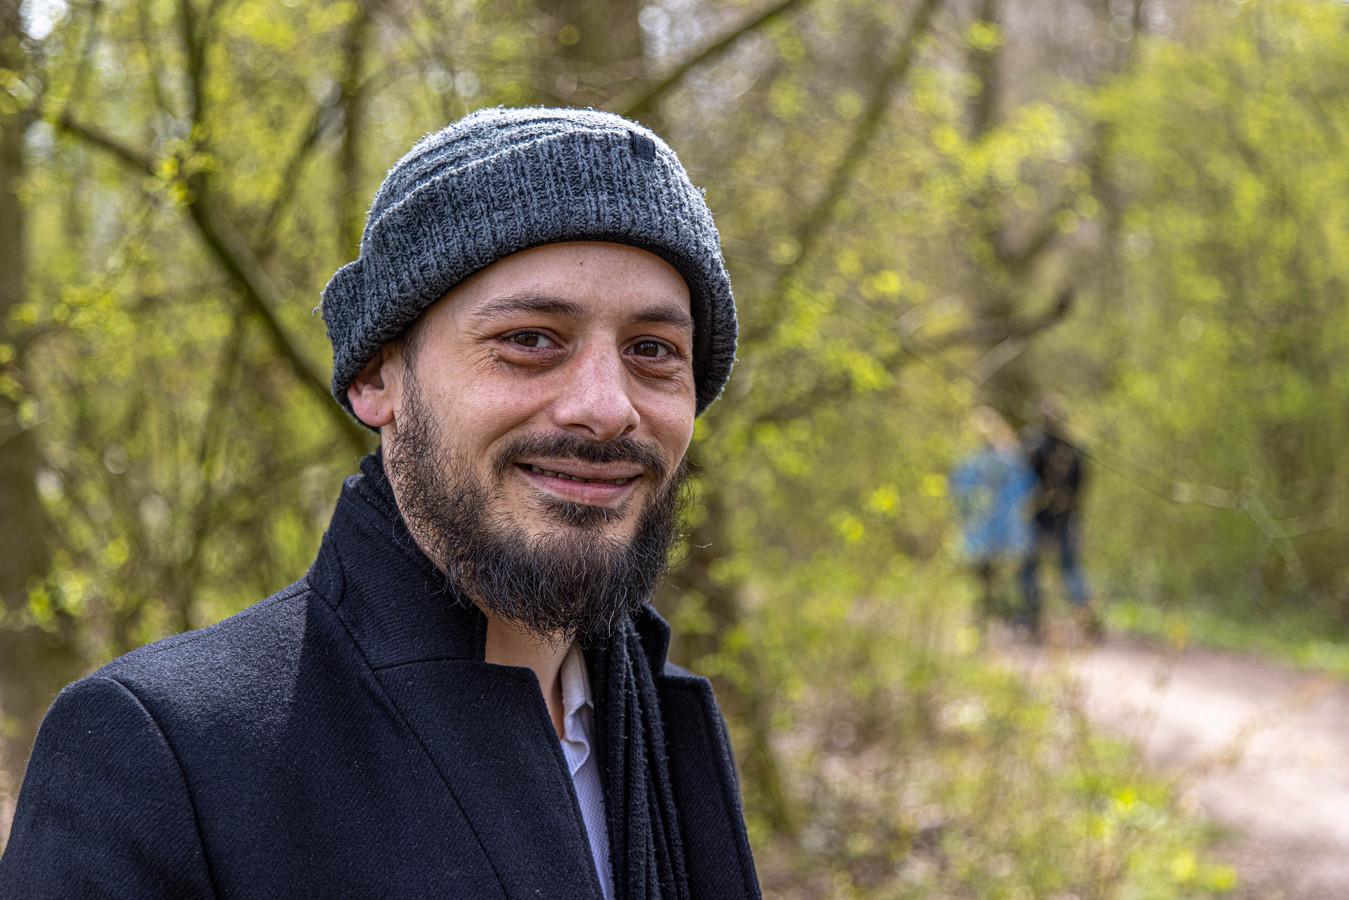 Mehdi Guizani (35) trof onlangs een wanhopige man aan in het Engelse Werk; dakloos, vieze kleding, geen idee waar hij zich kon melden.